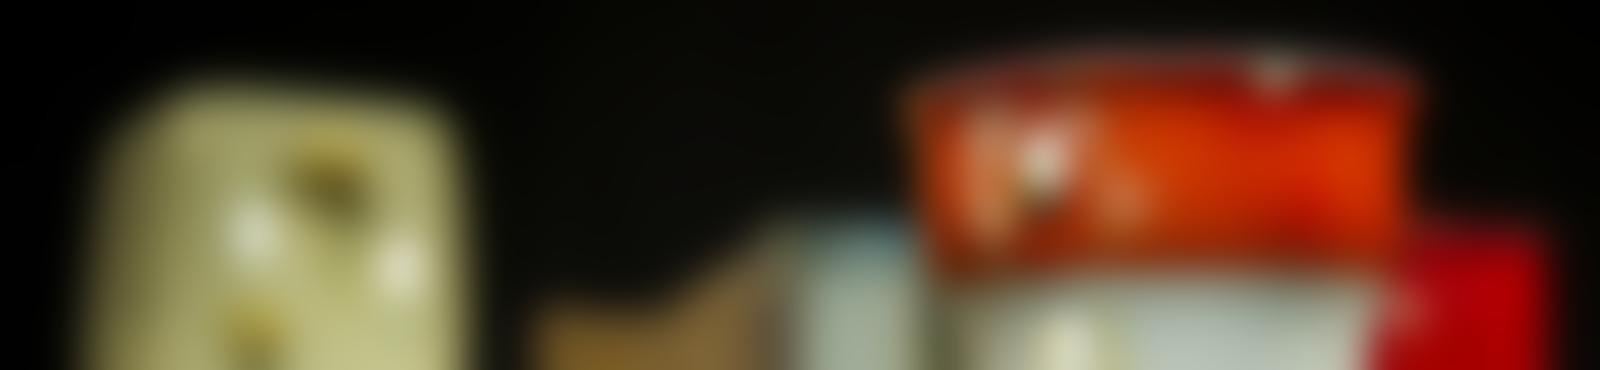 Blurred fa43b78d b6aa 427c 9432 2f4de37a678b